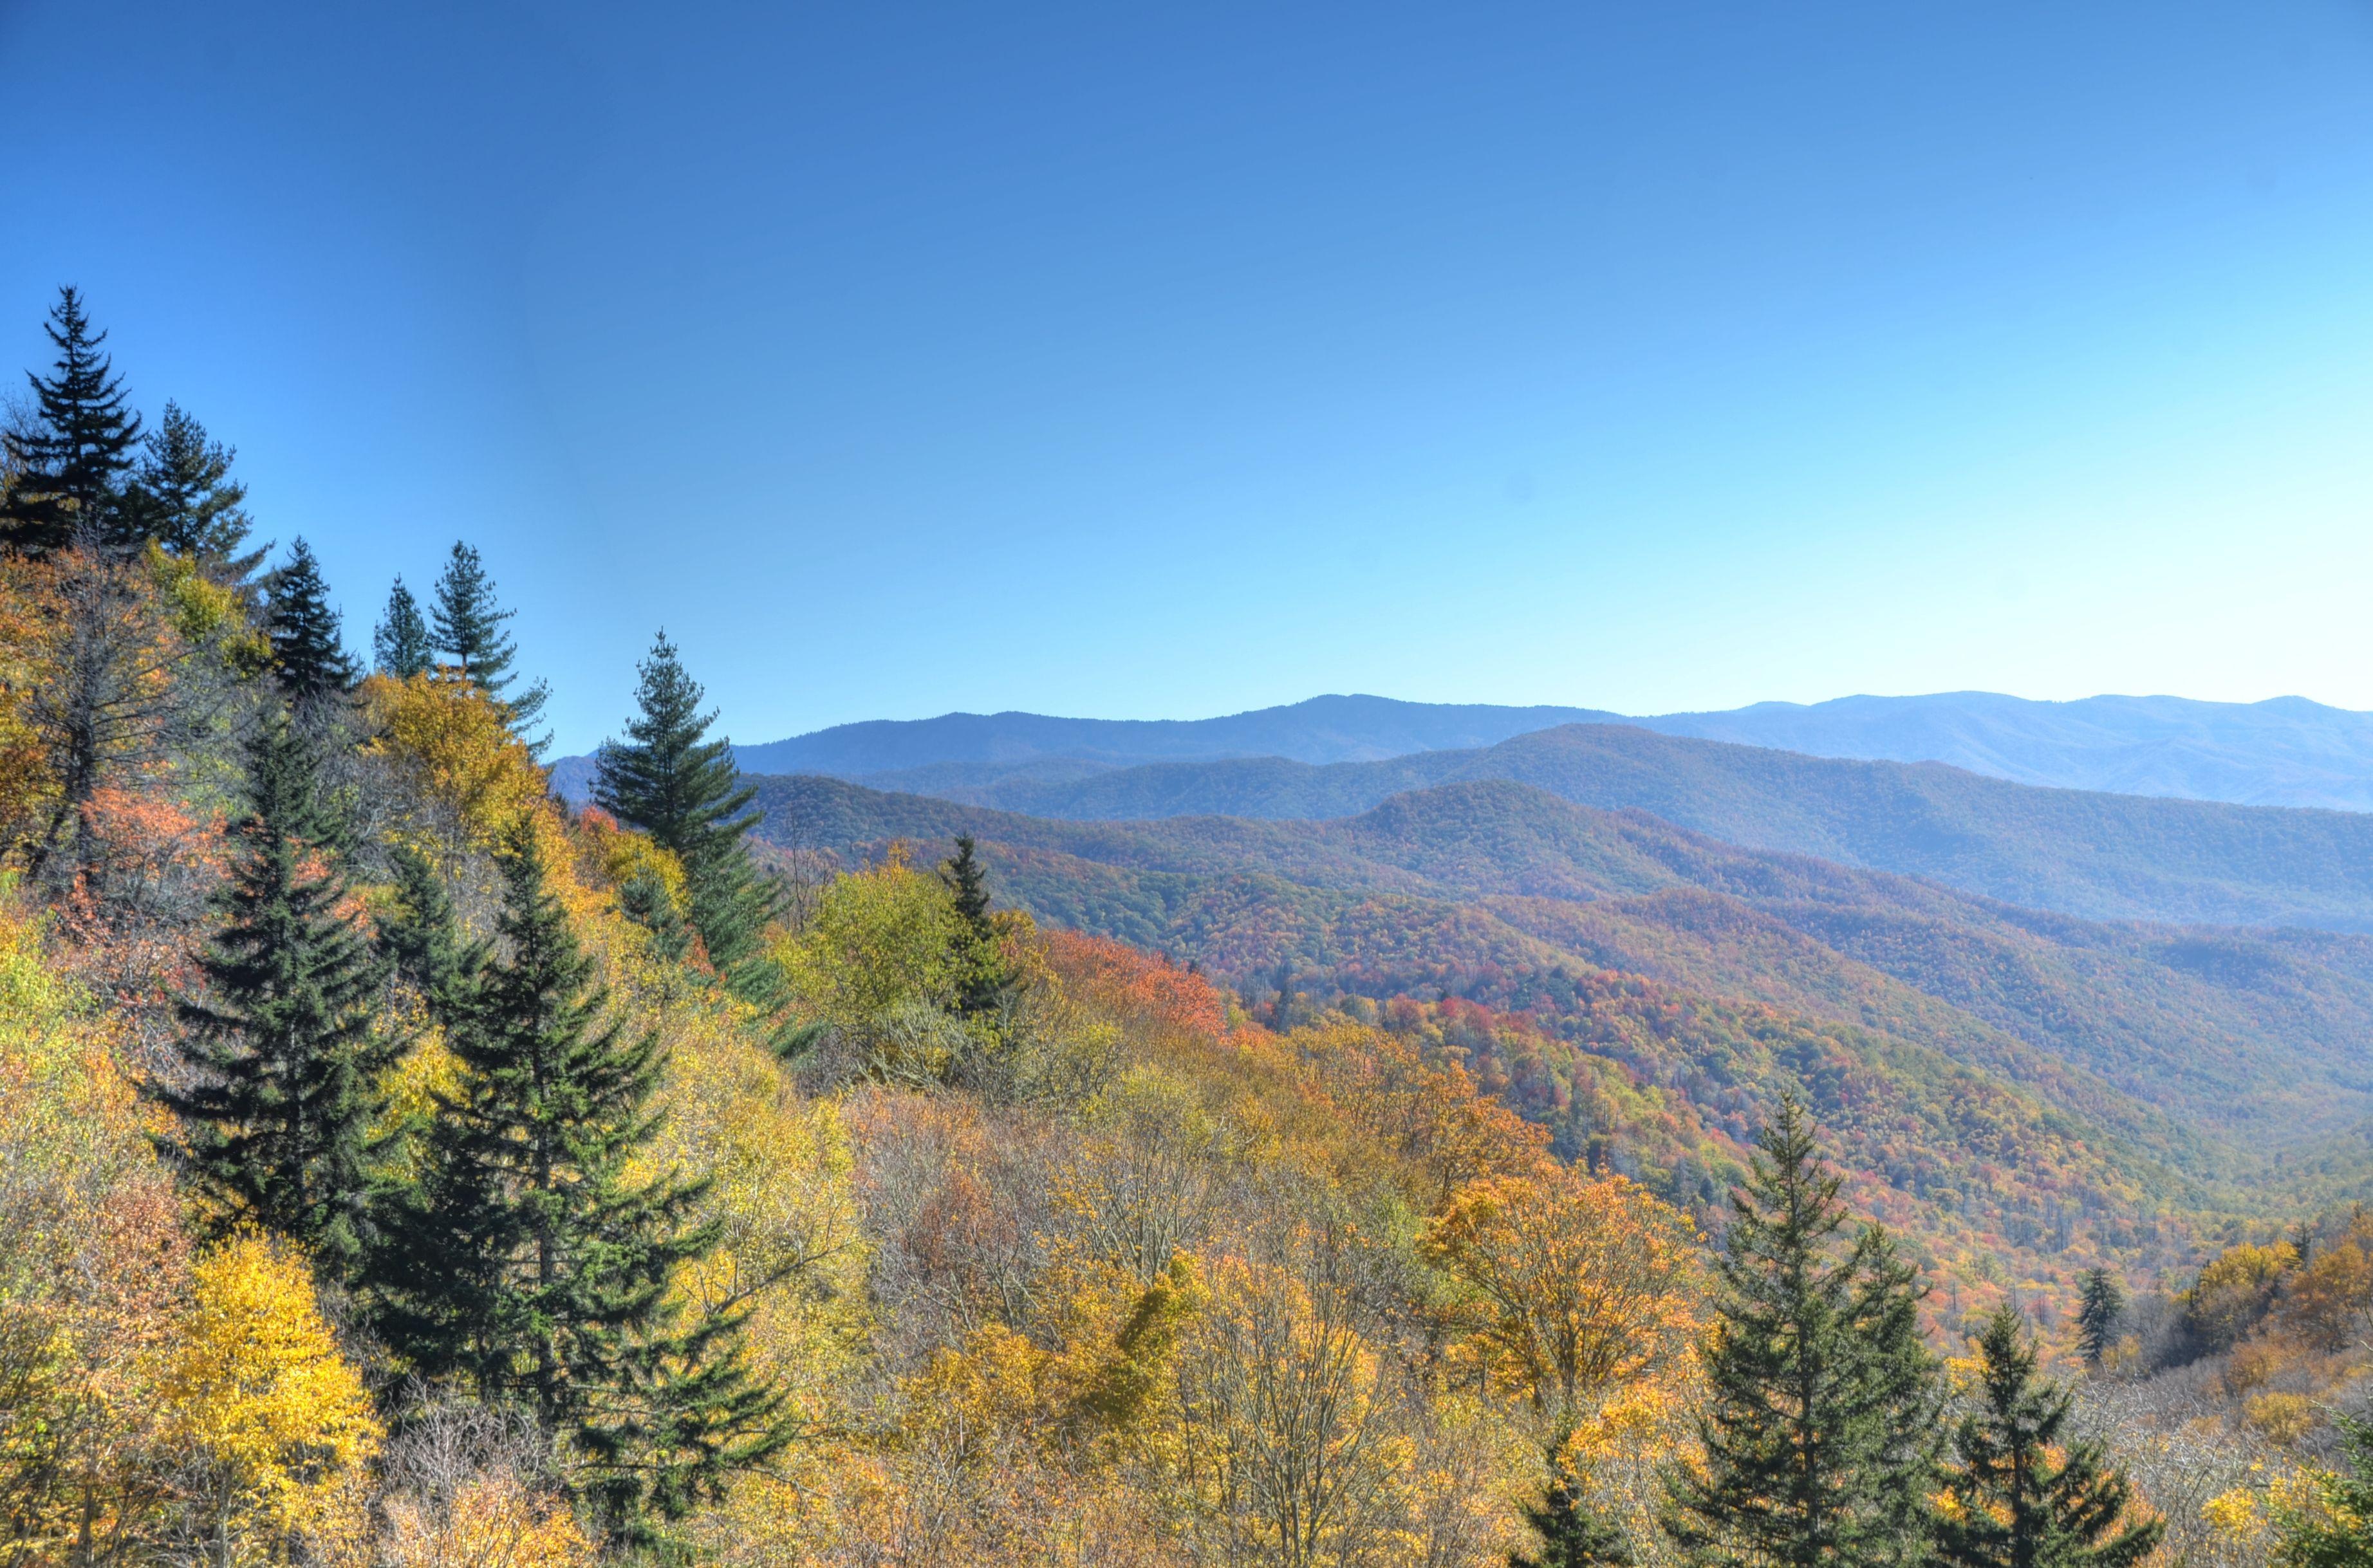 Oconaluftee Valley Overlook Great Smoky Mountains